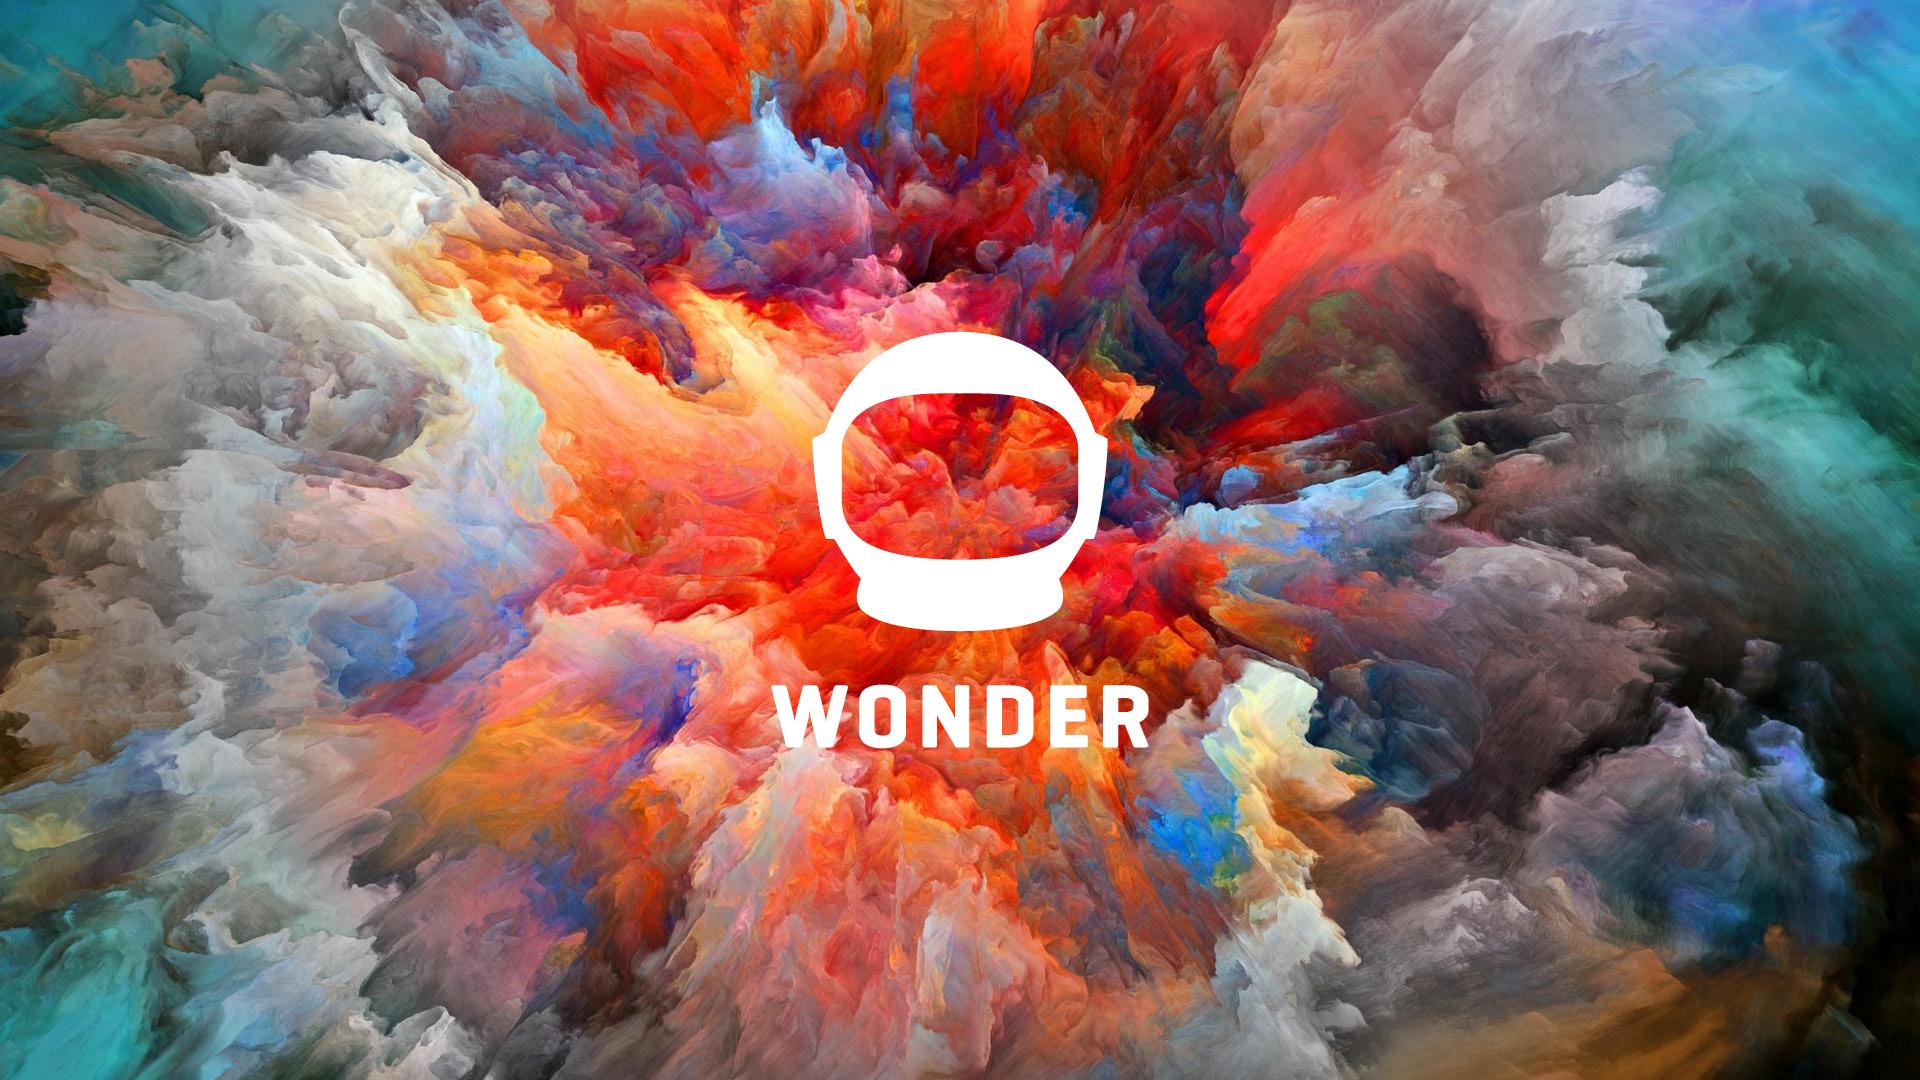 Wonder_BrandGuidelines_V1.1